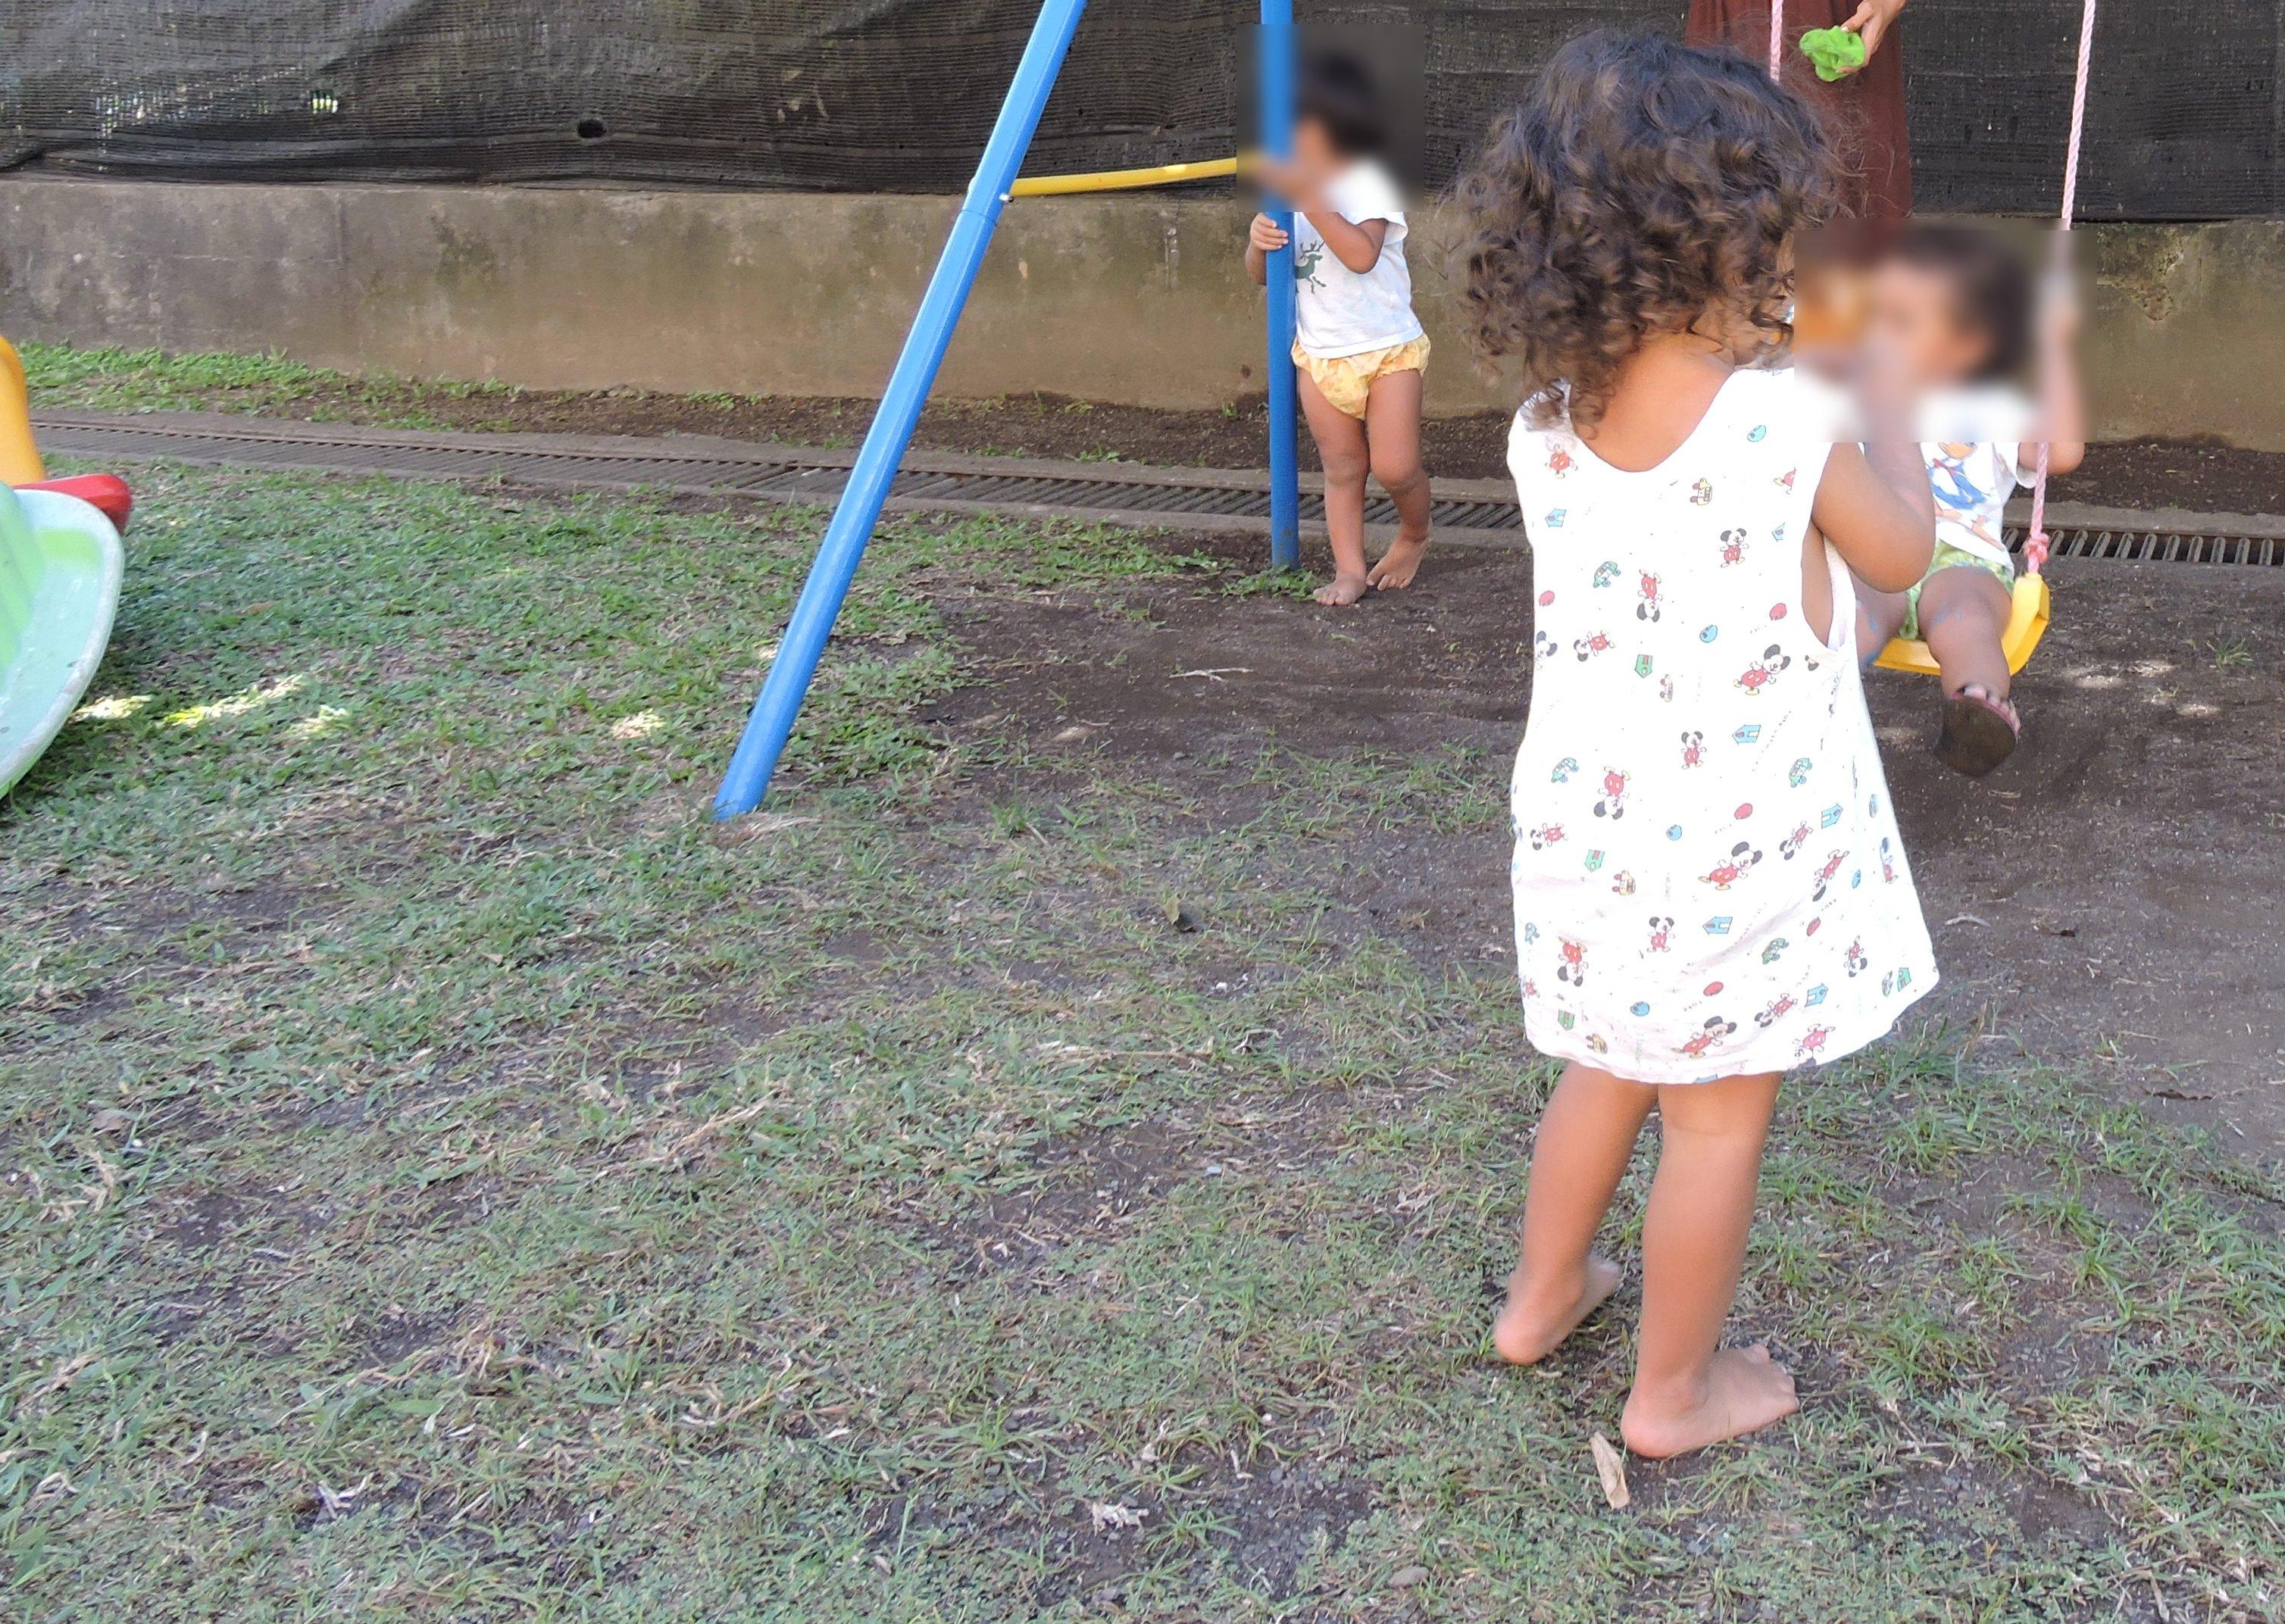 Les enfants plus touchés par la dengue